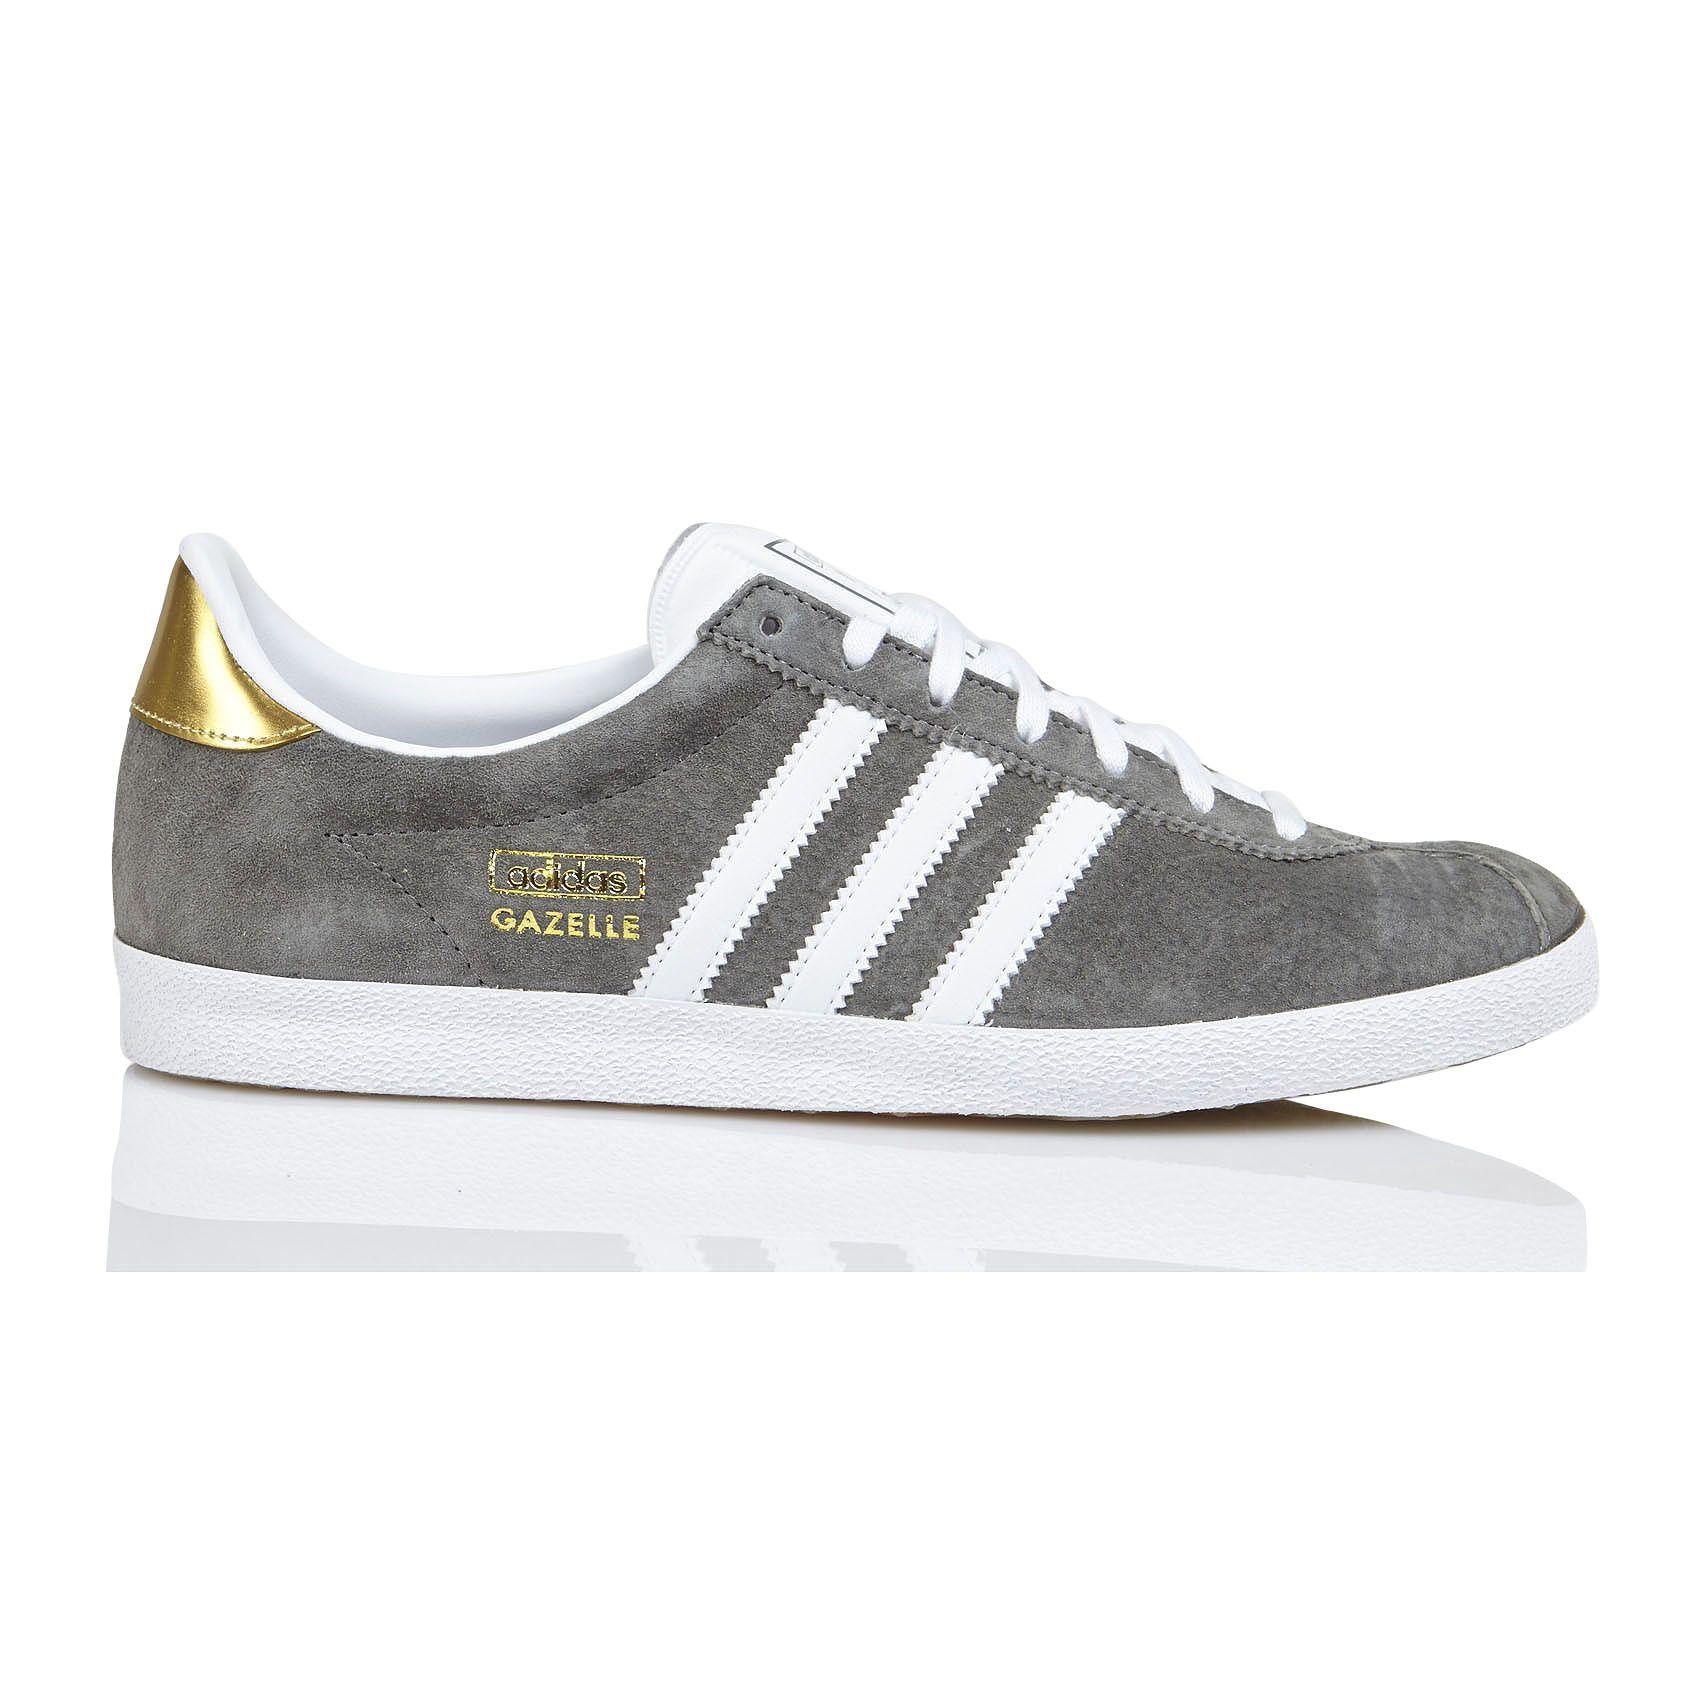 68ba0298b25 adidas Gazelle Suede Trainers in Grey